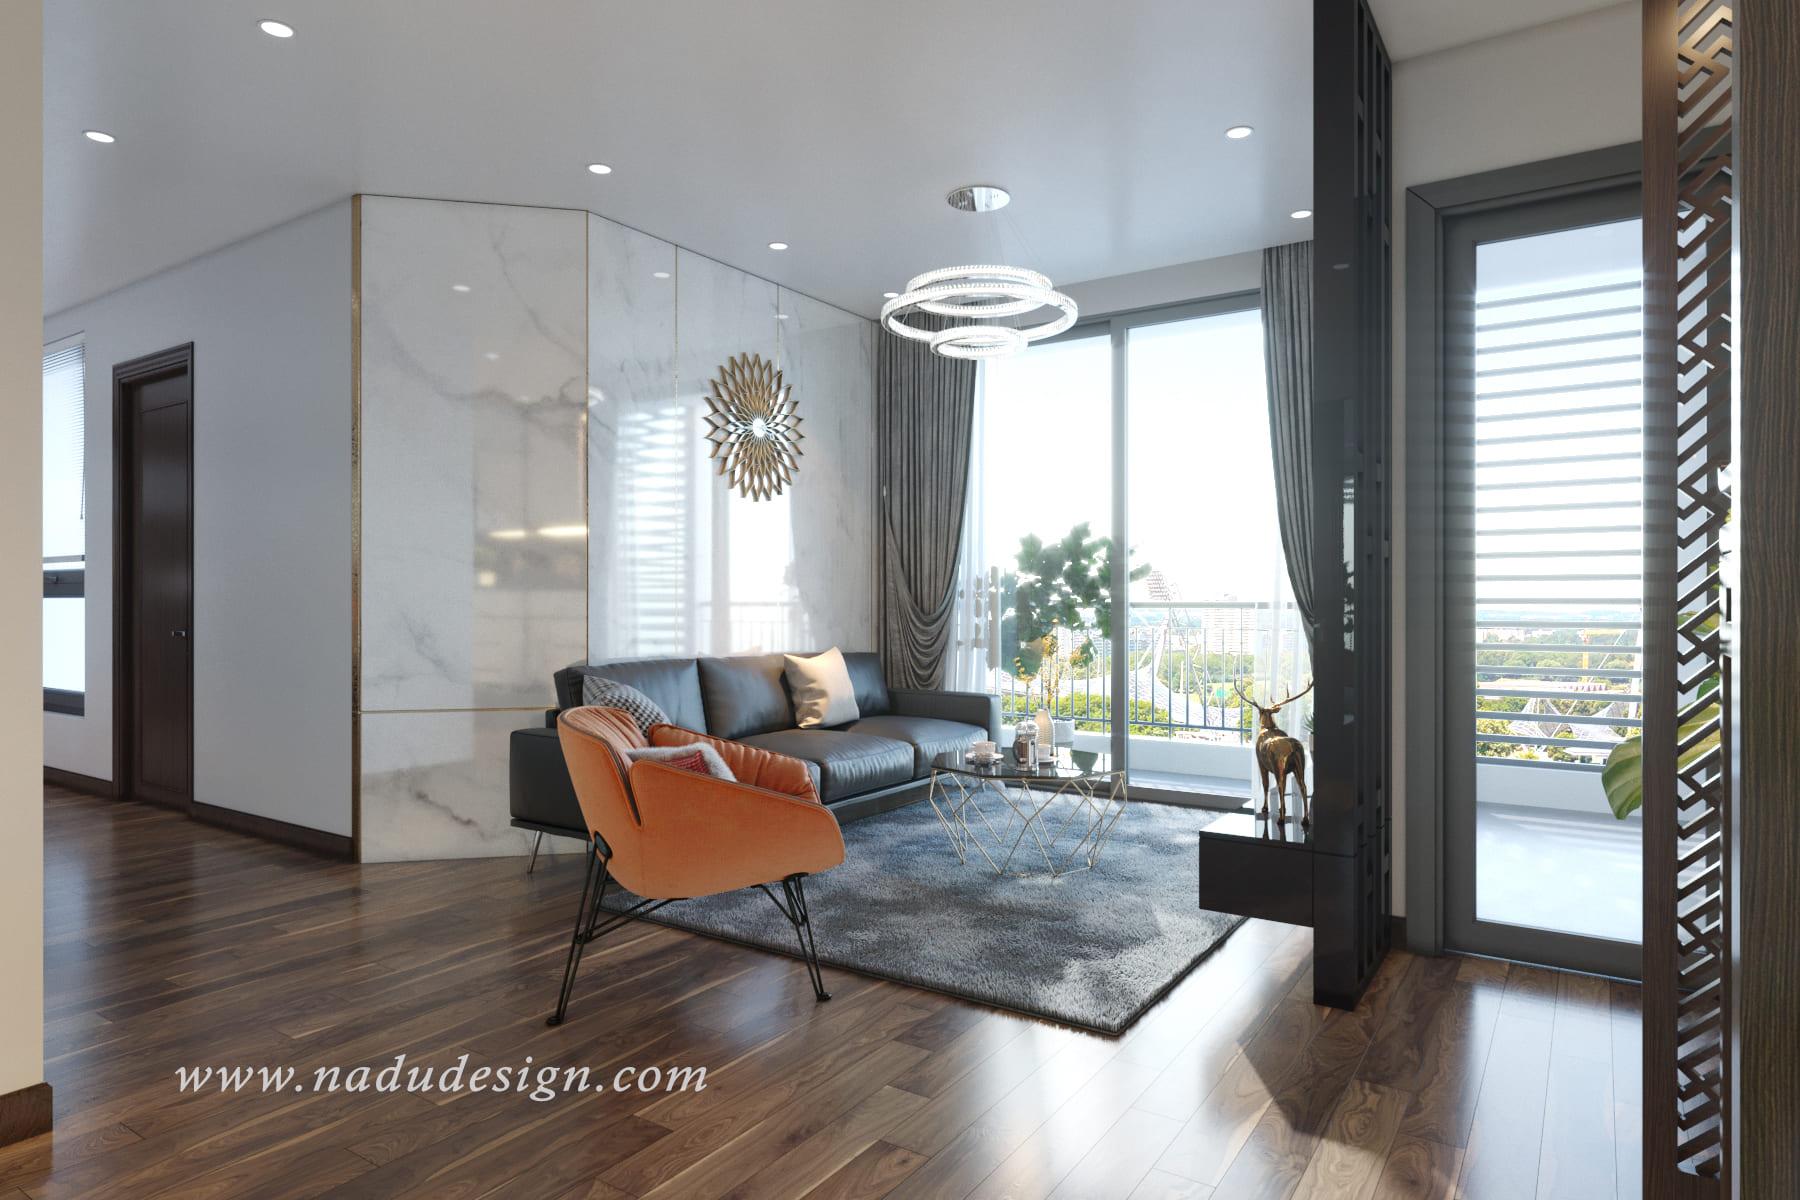 Thiết kế nội thất căn hộ chung cư tối giản với gam màu nâu trắng Vinhomes Green Bay